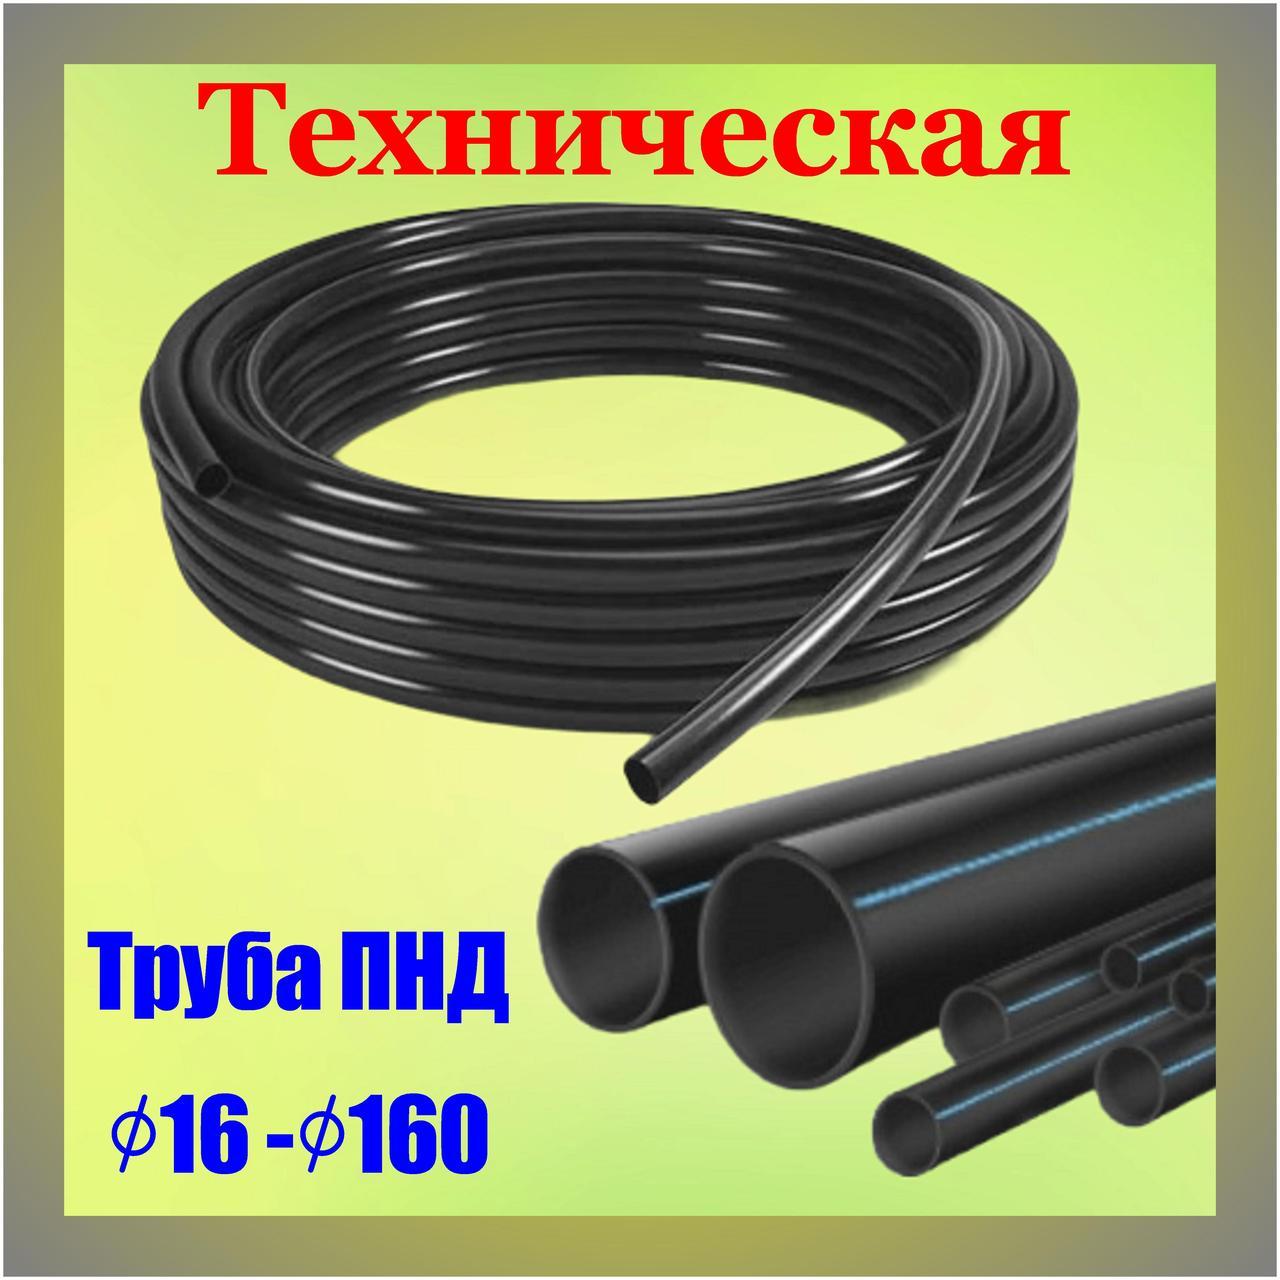 Труба ПНД 63 мм техническая